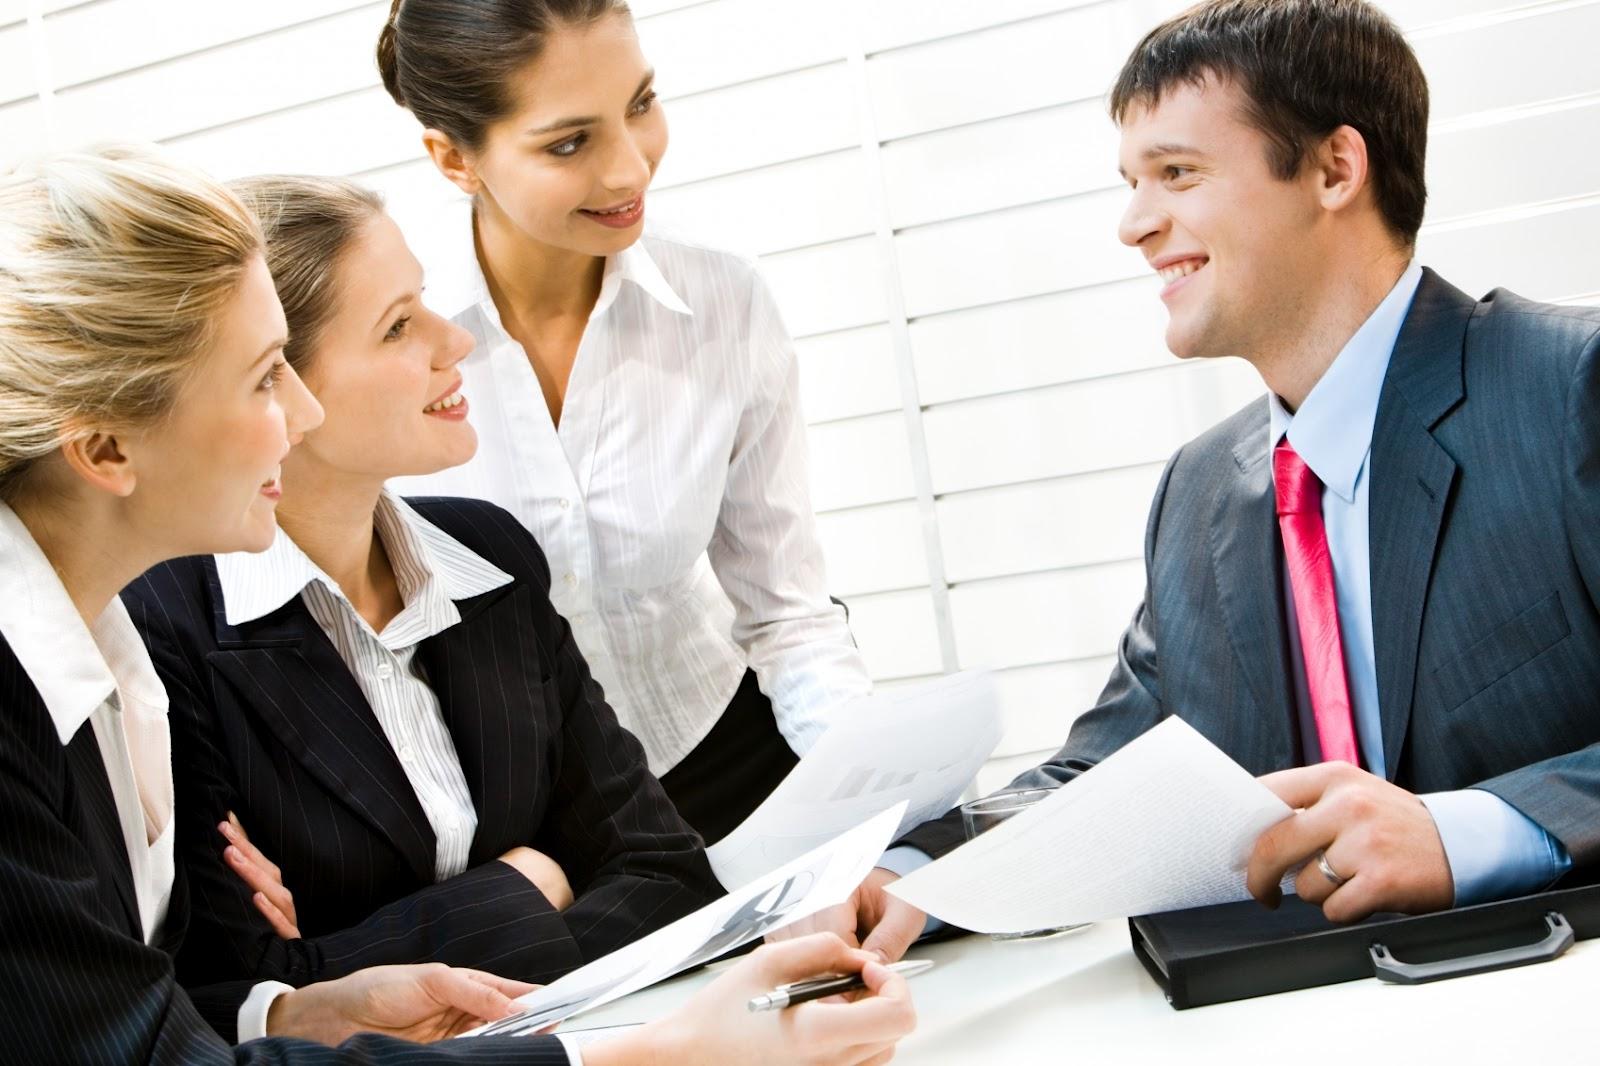 Programa de intervención: oratoria y habilidades de comunicación